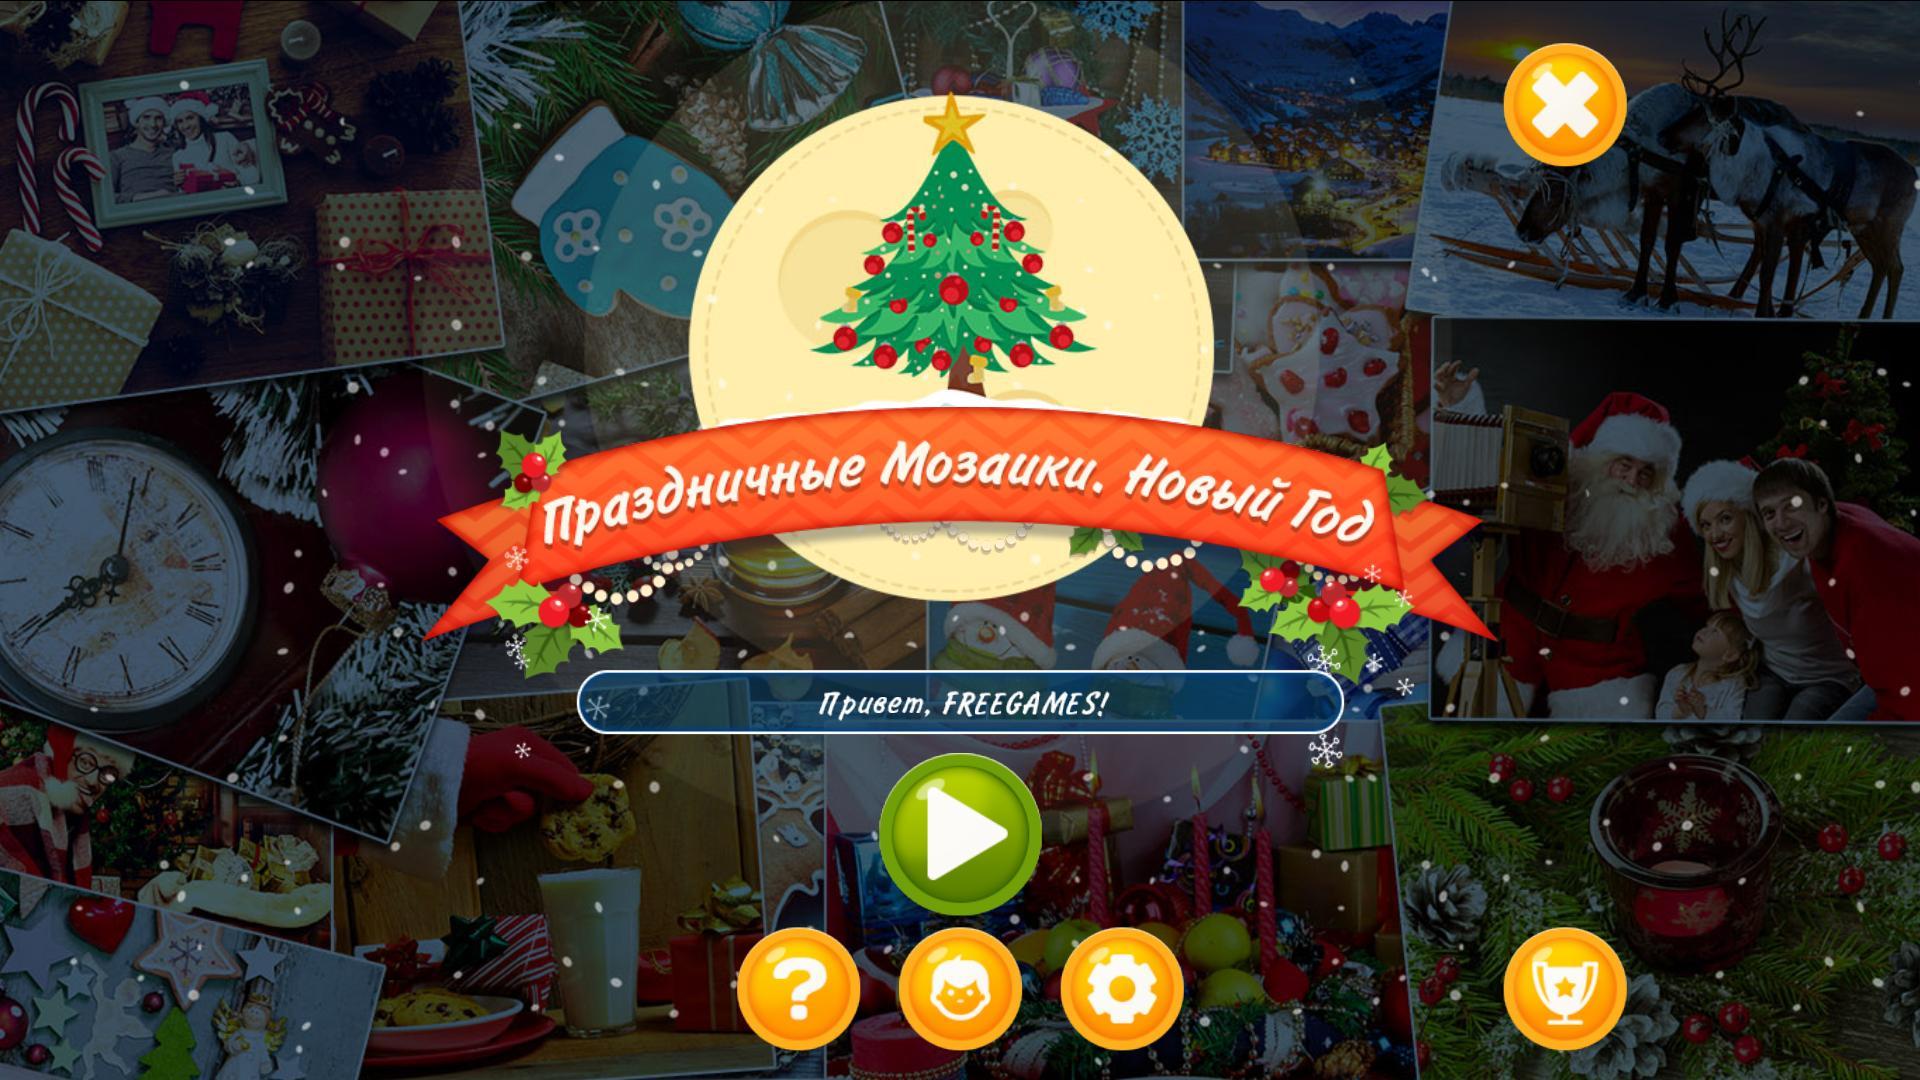 Праздничные мозаики. Новый Год   Holiday Mosaics Christmas Puzzles (Rus)